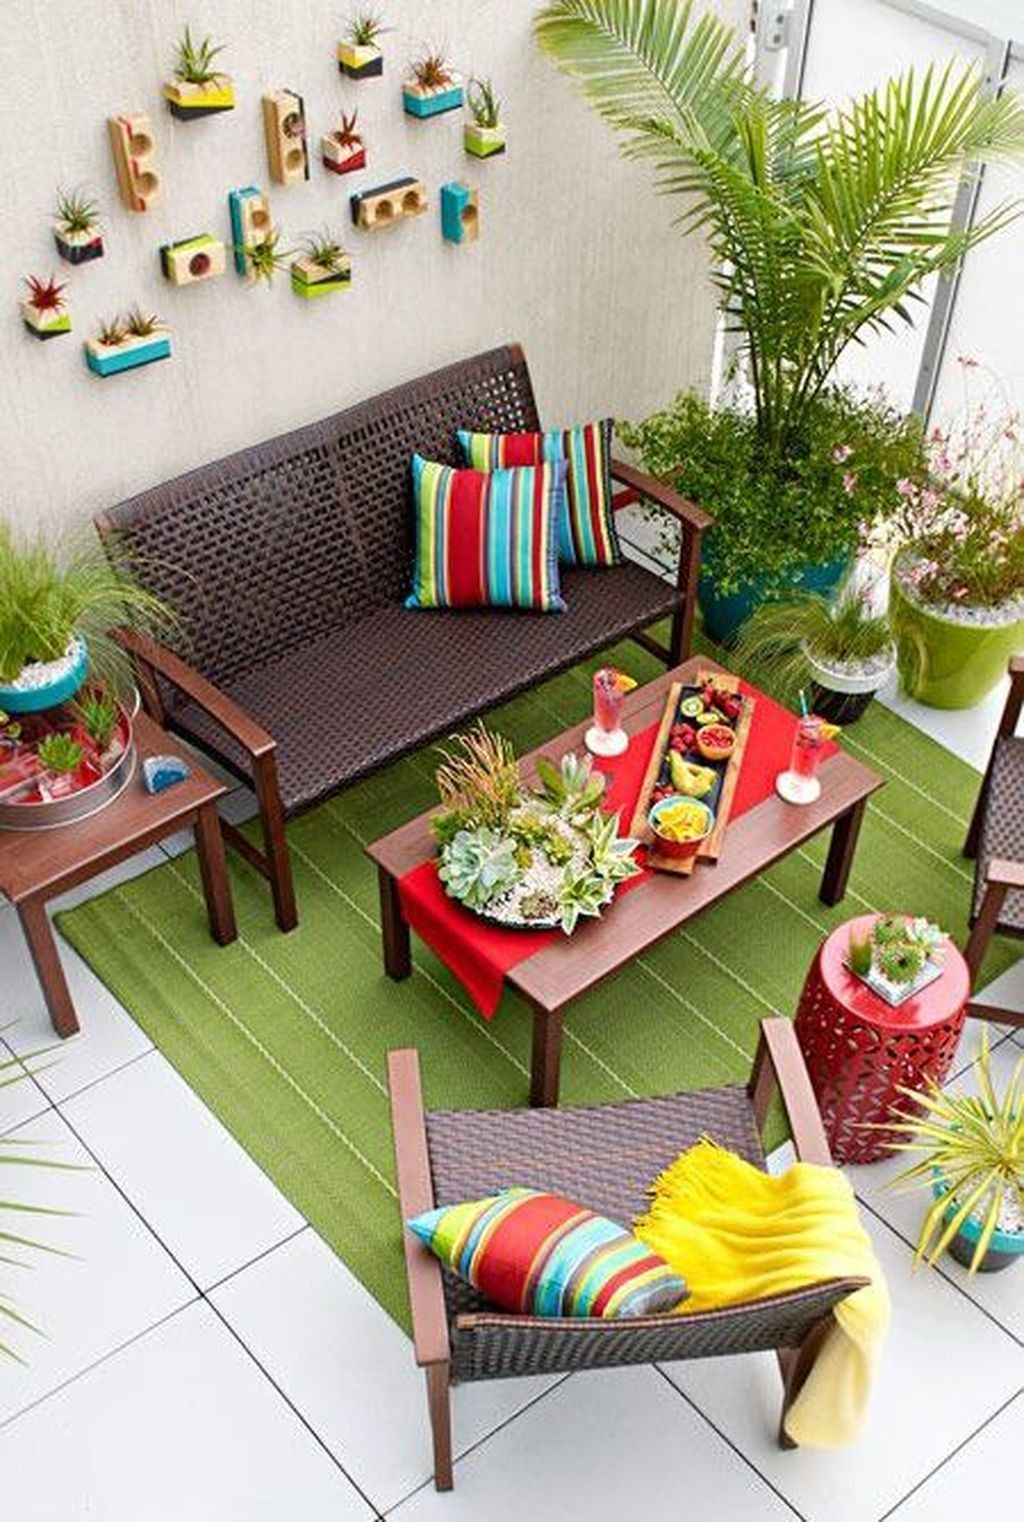 50 Best Apartment Patio Decor Ideas Apartment Patio Decor Small Patio Ideas Townhouse Small Patio Design